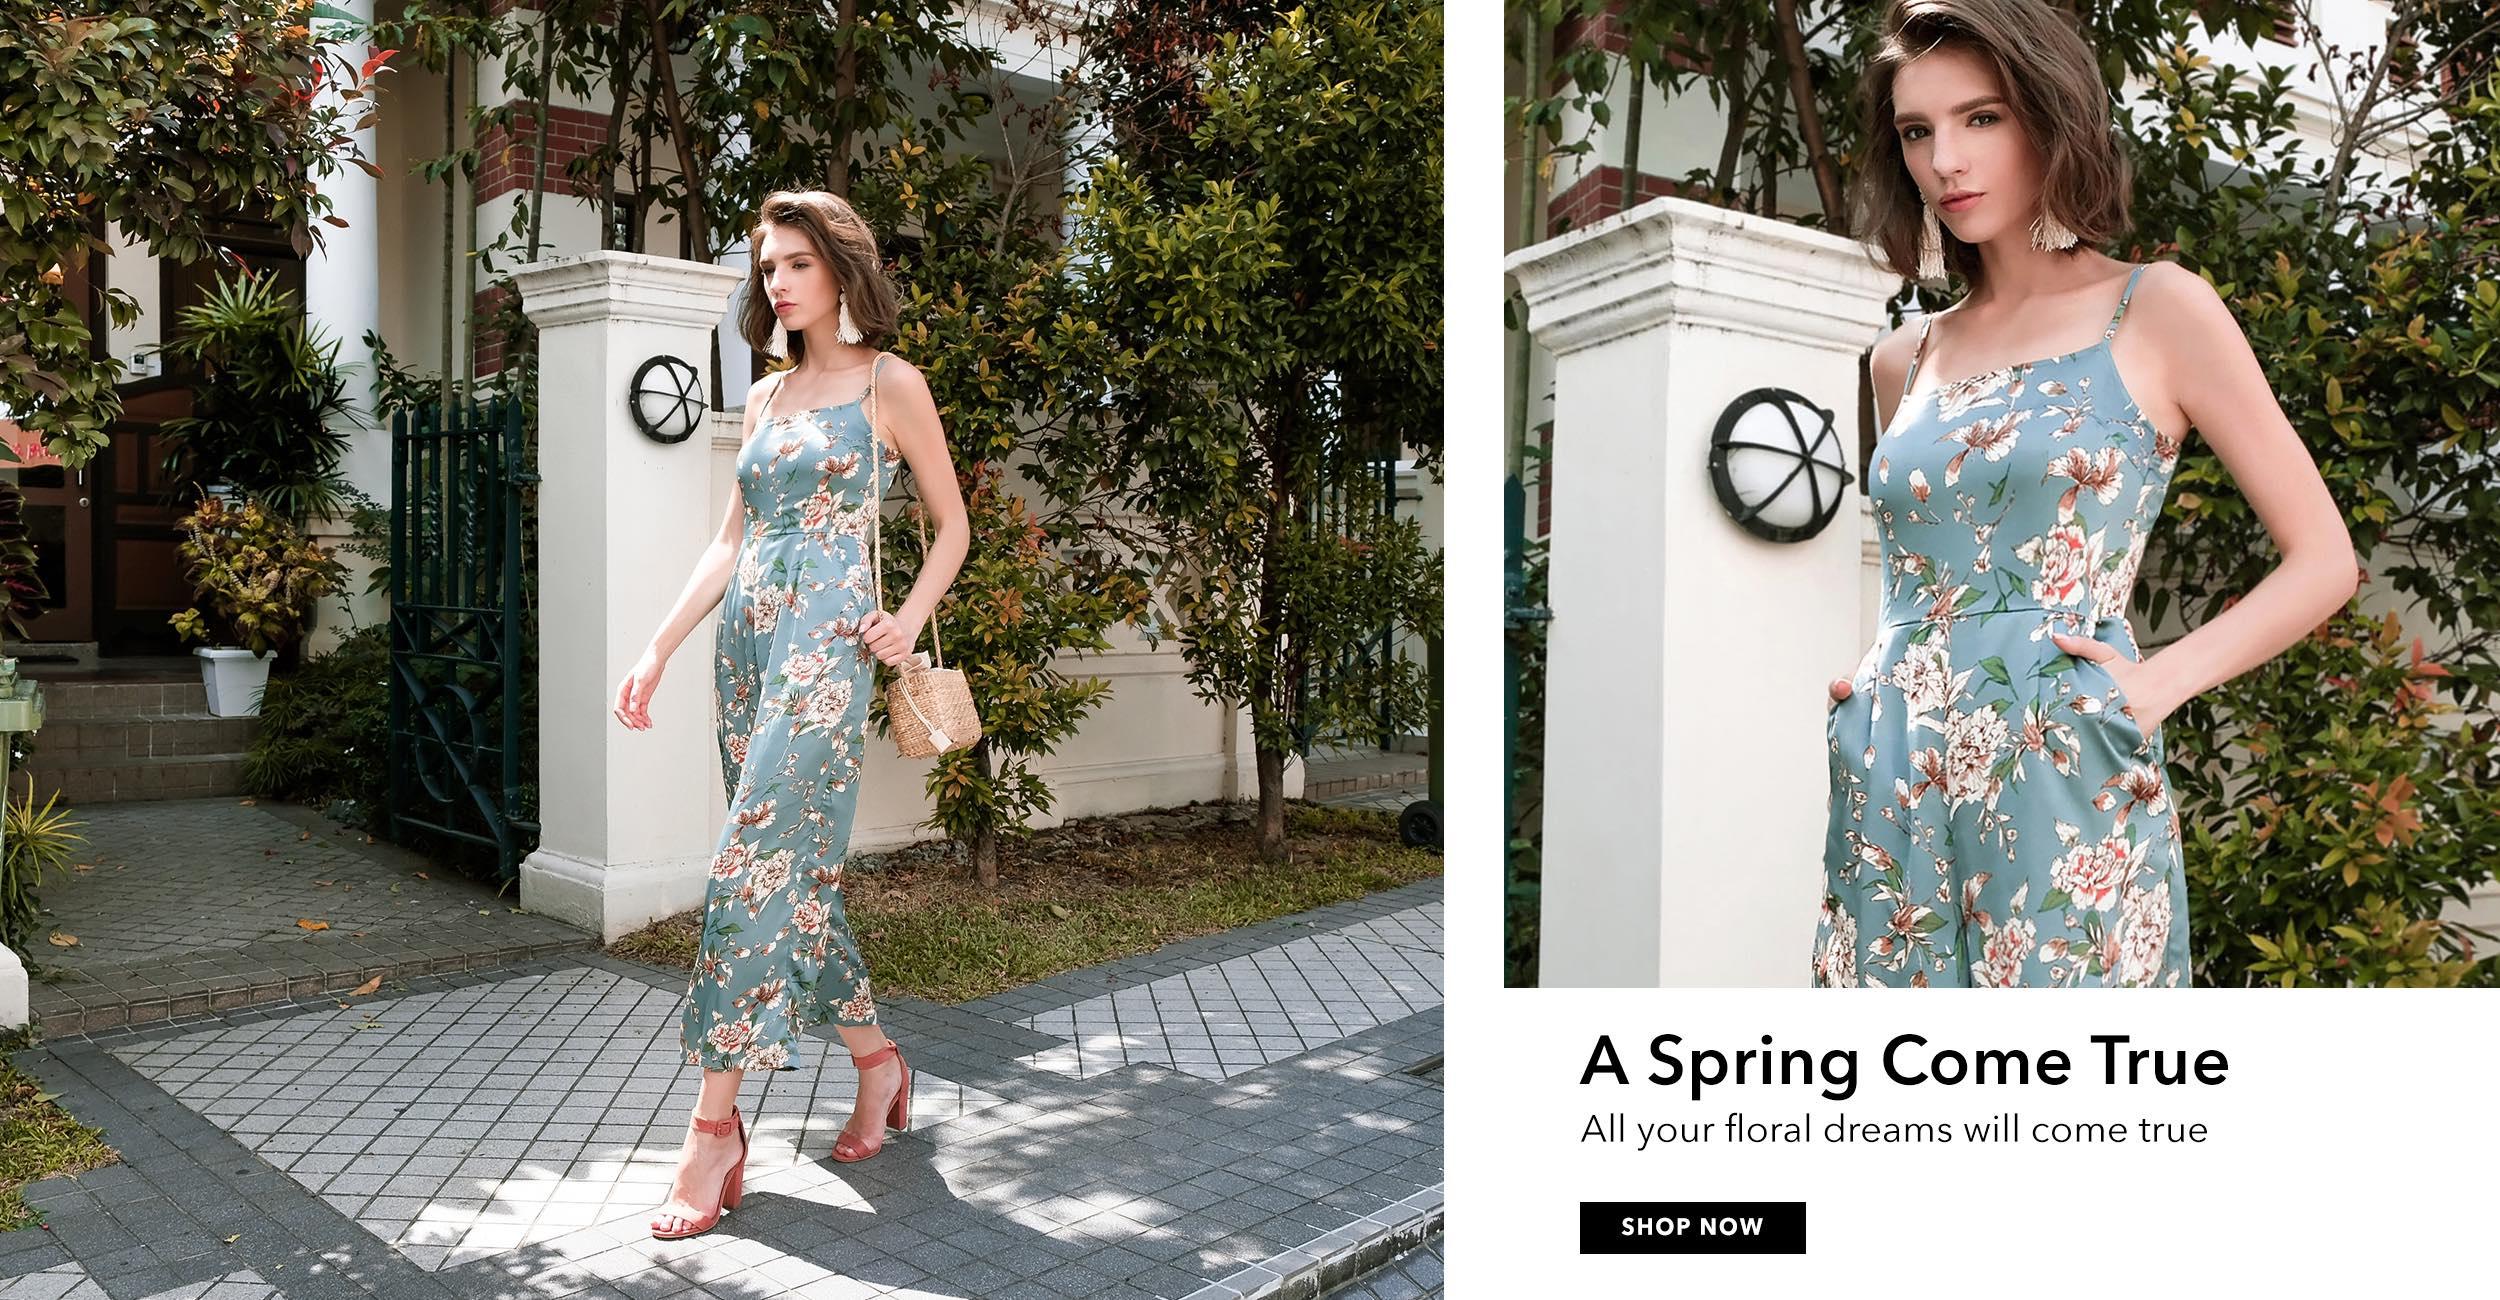 A Spring Come True